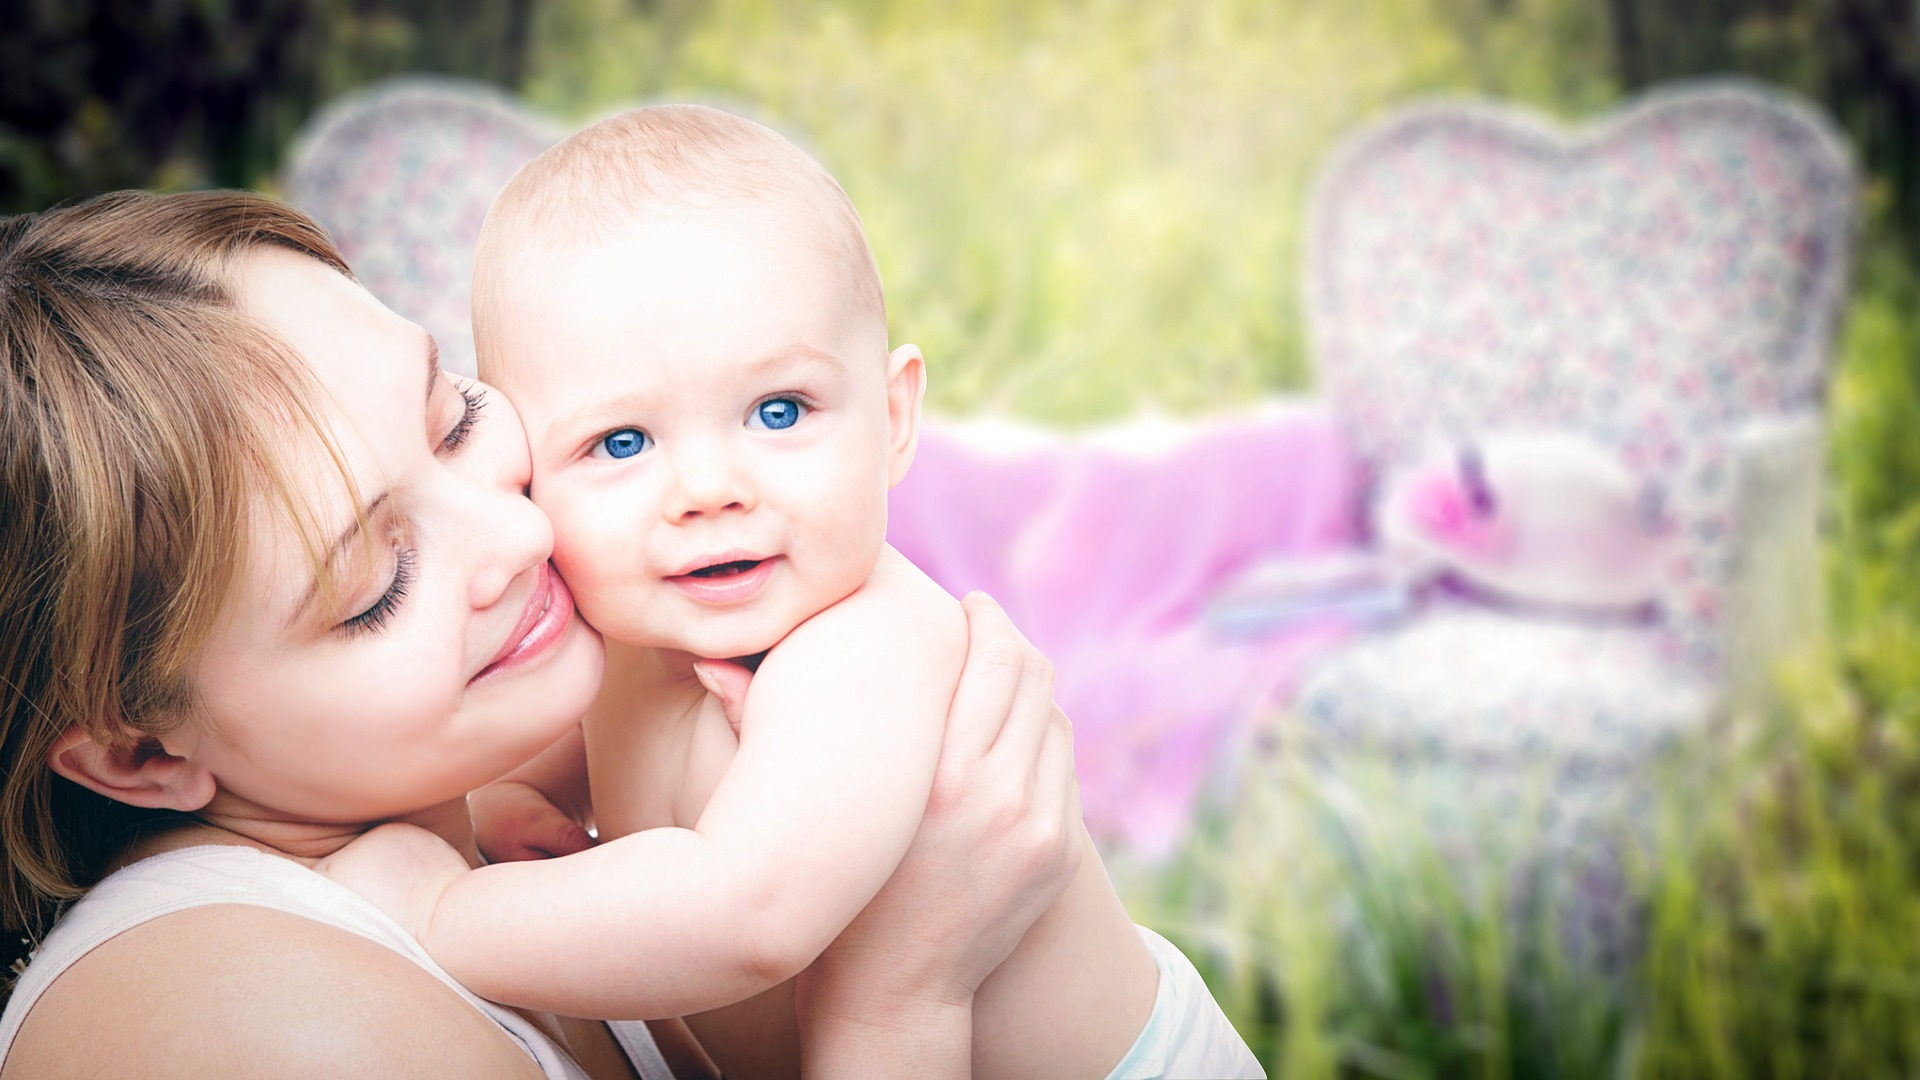 Girish Navani on Career and Motherhood